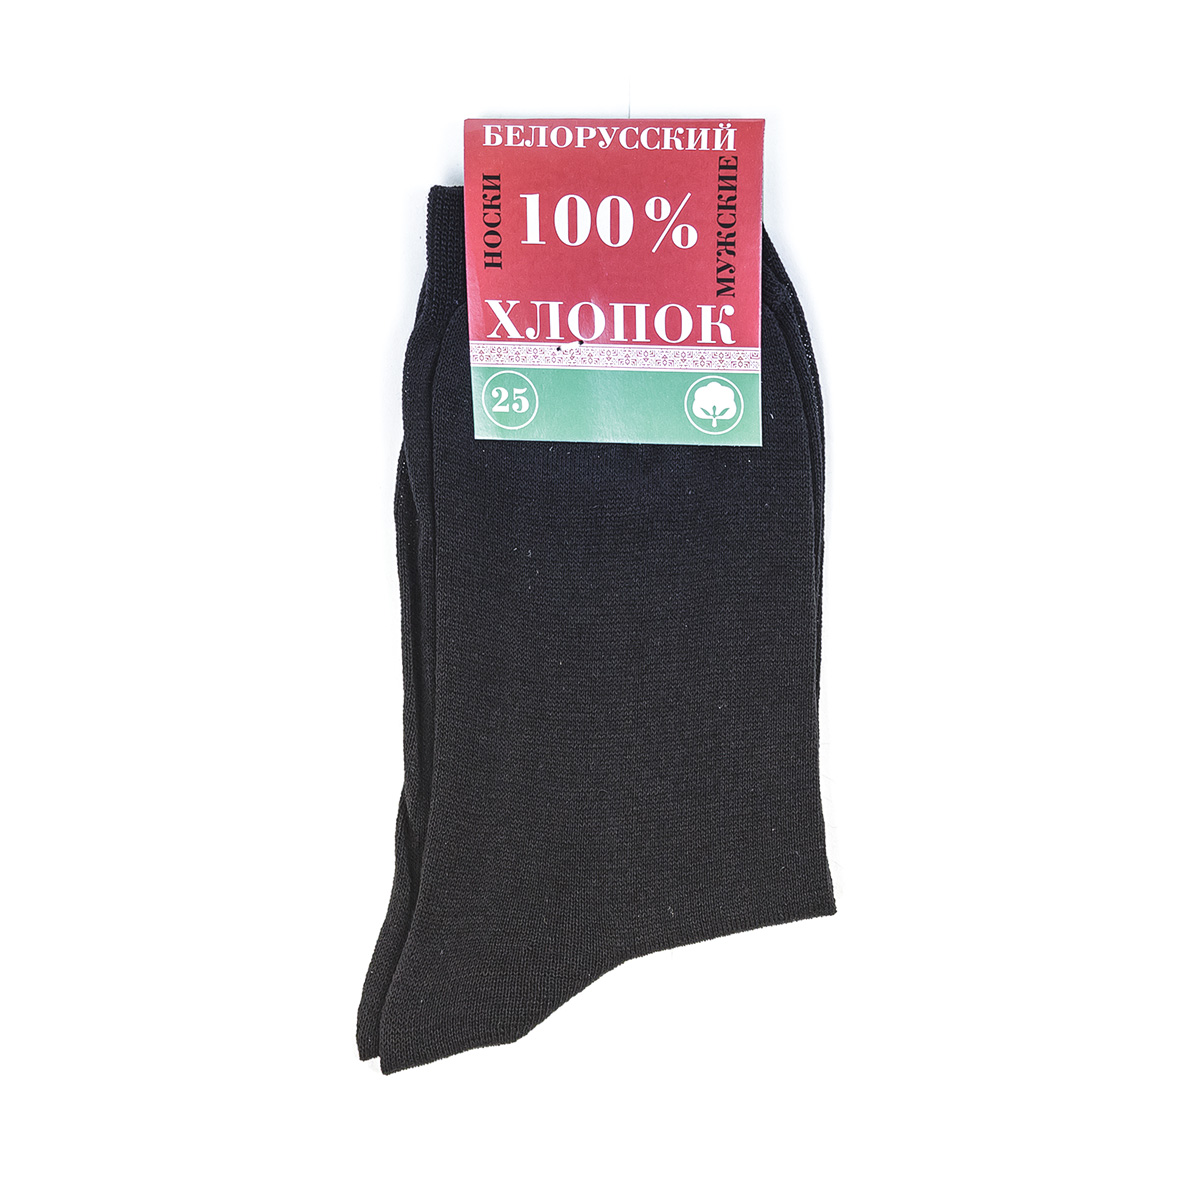 Носки мужские Хлопковые, размер 39-40Носки<br><br><br>Тип: Муж. носки<br>Размер: 39-40<br>Материал: Хлопок